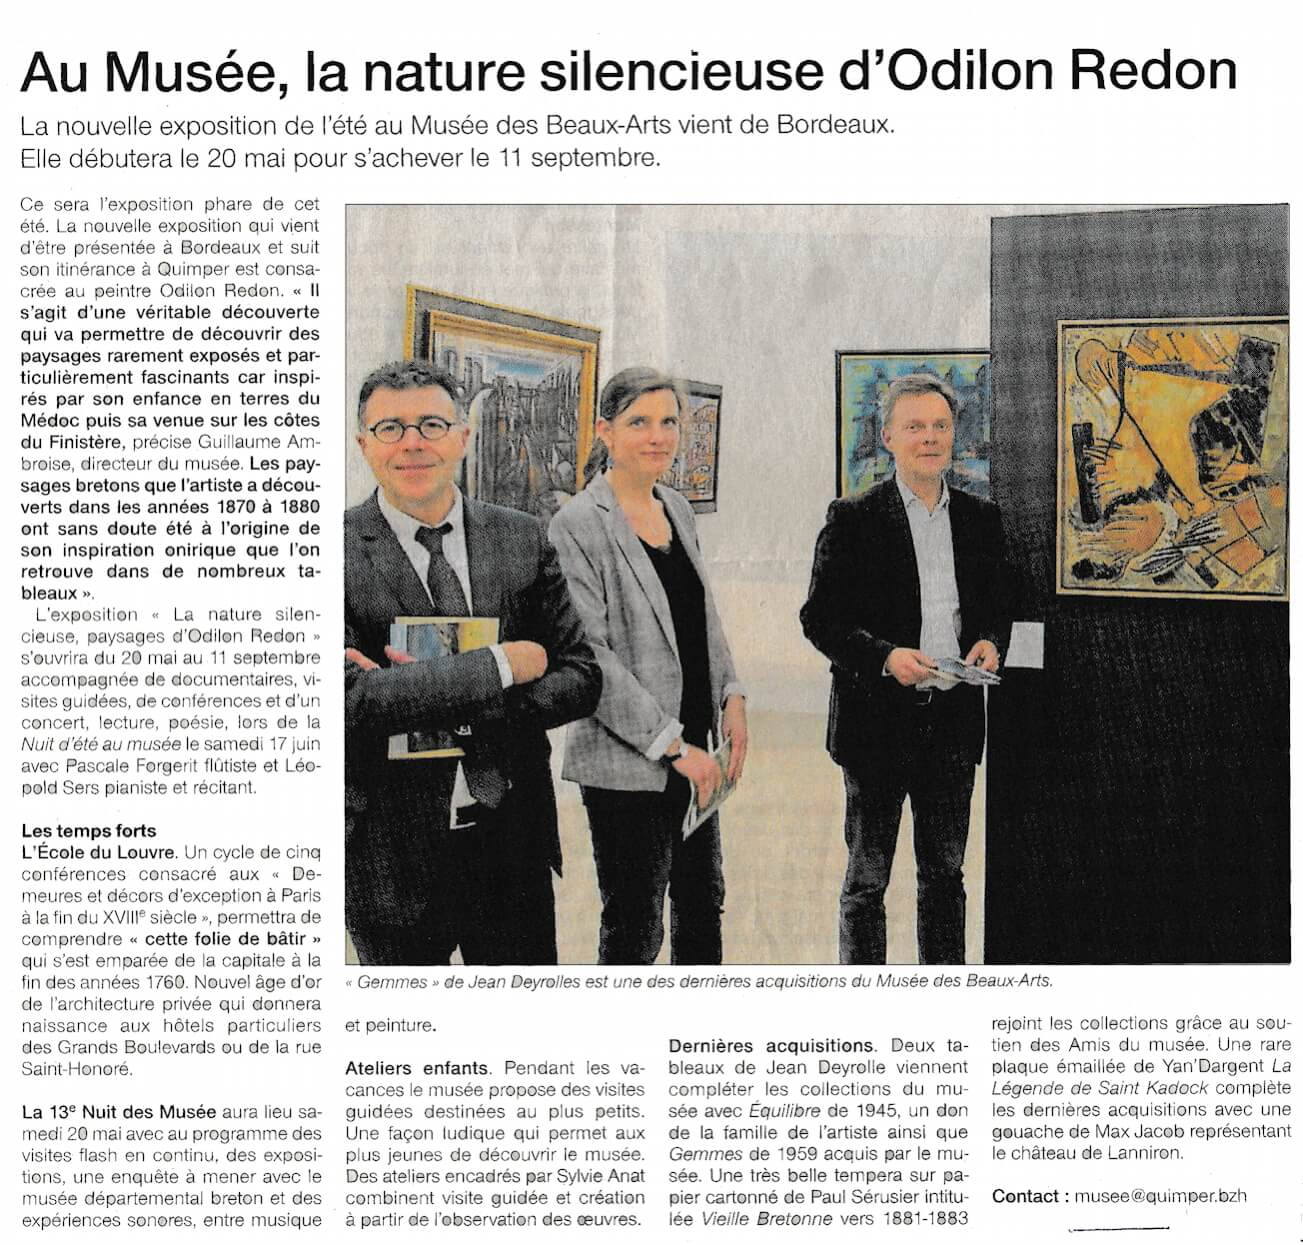 Odilon redon 1